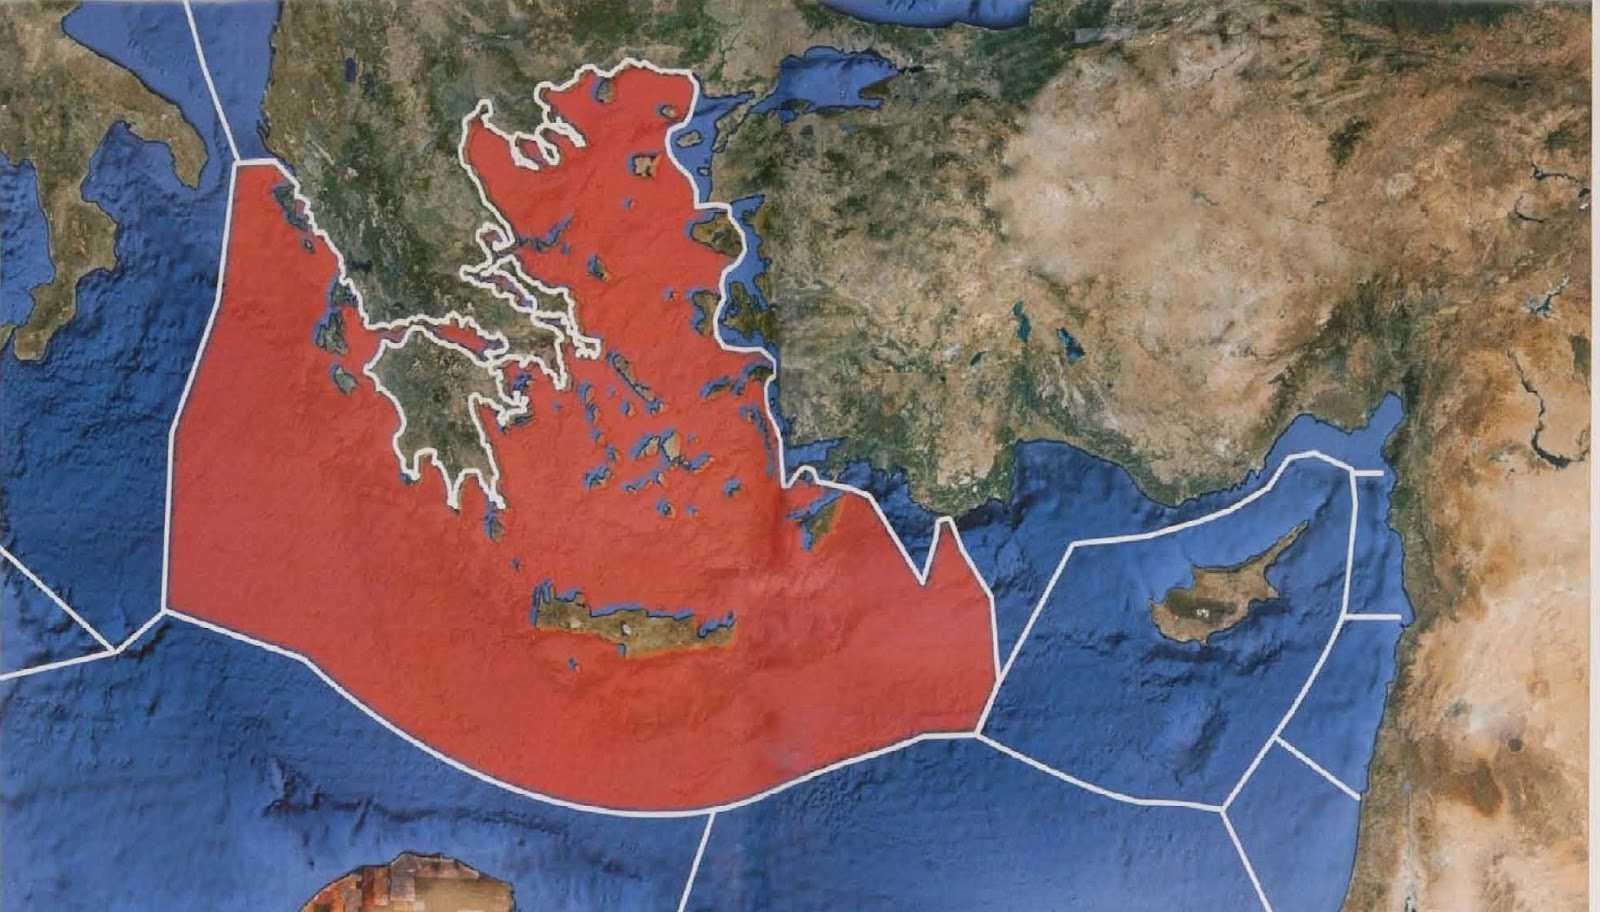 Nέους δρόμους ανοίγουν τα ενεργειακά αποθέματα Ελλάδας και Κύπρου